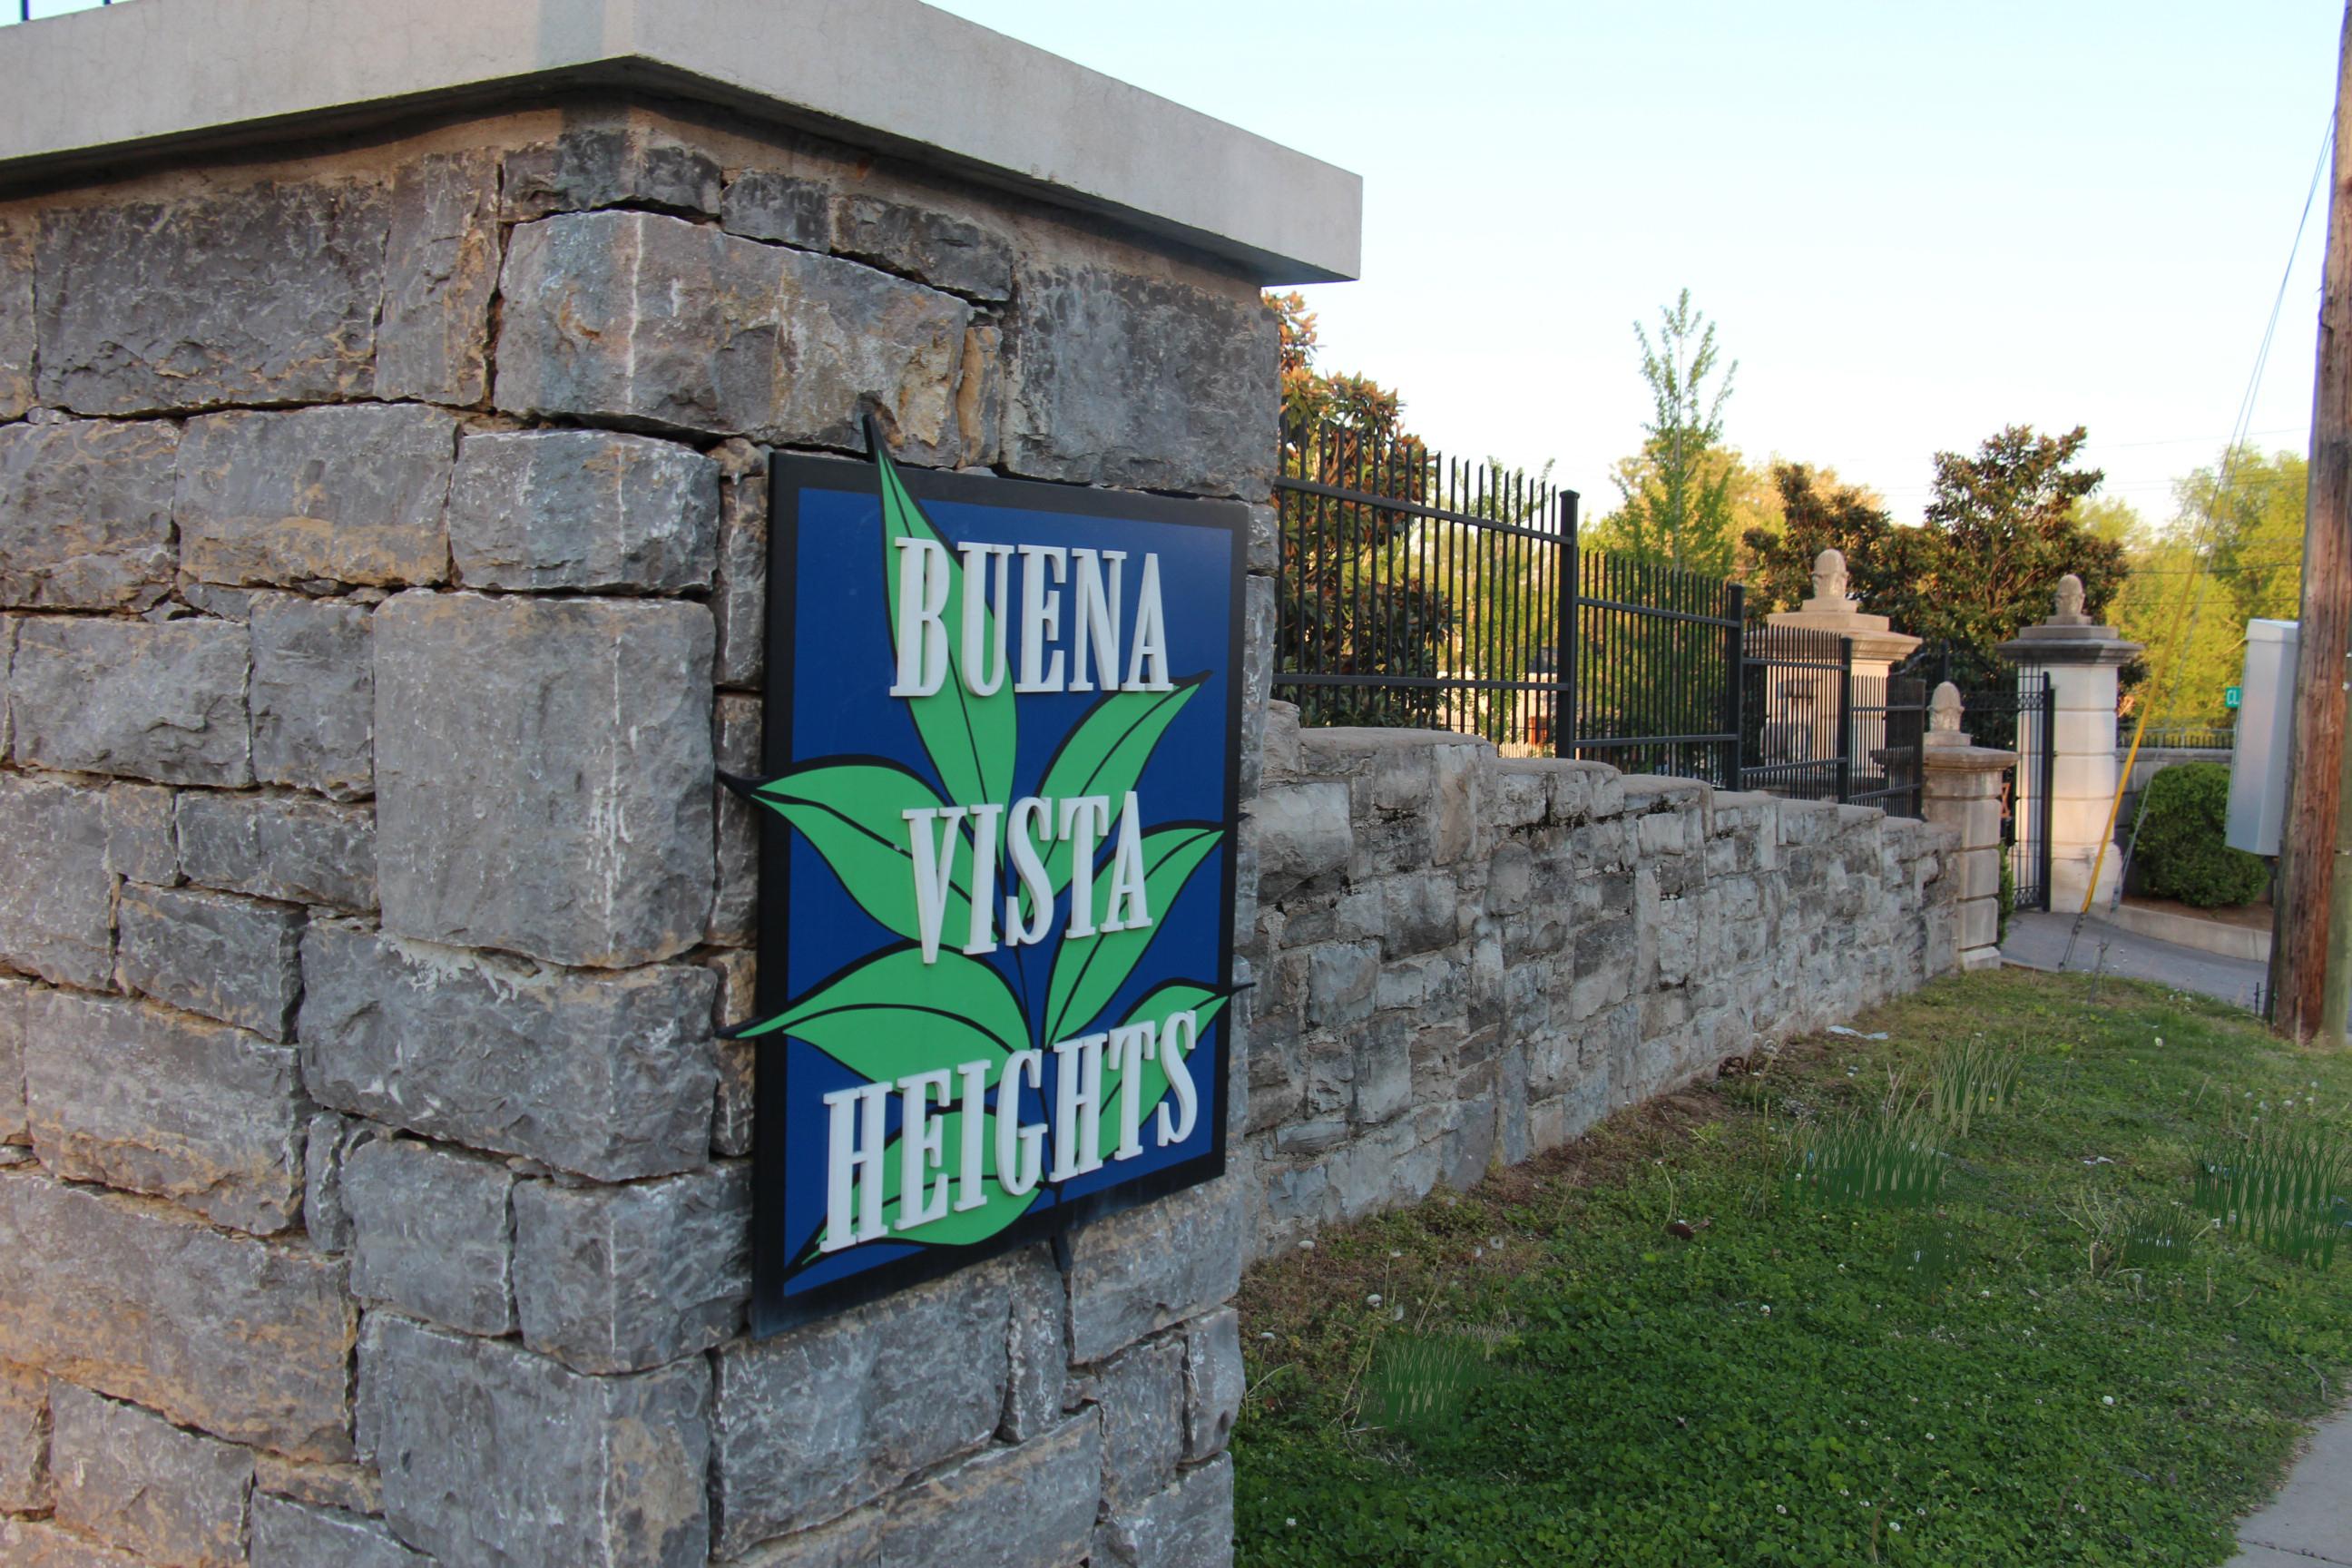 Buena Vista Heights